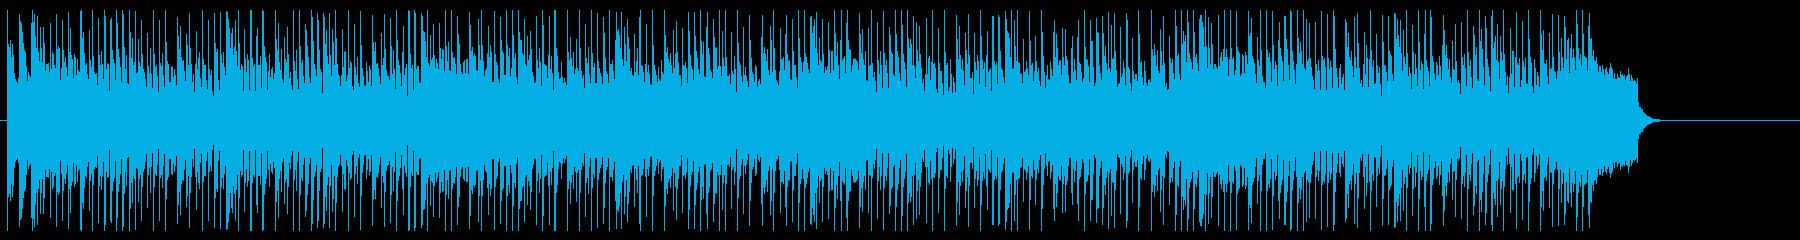 追跡 サスペンス 挑戦 レース スポーツの再生済みの波形